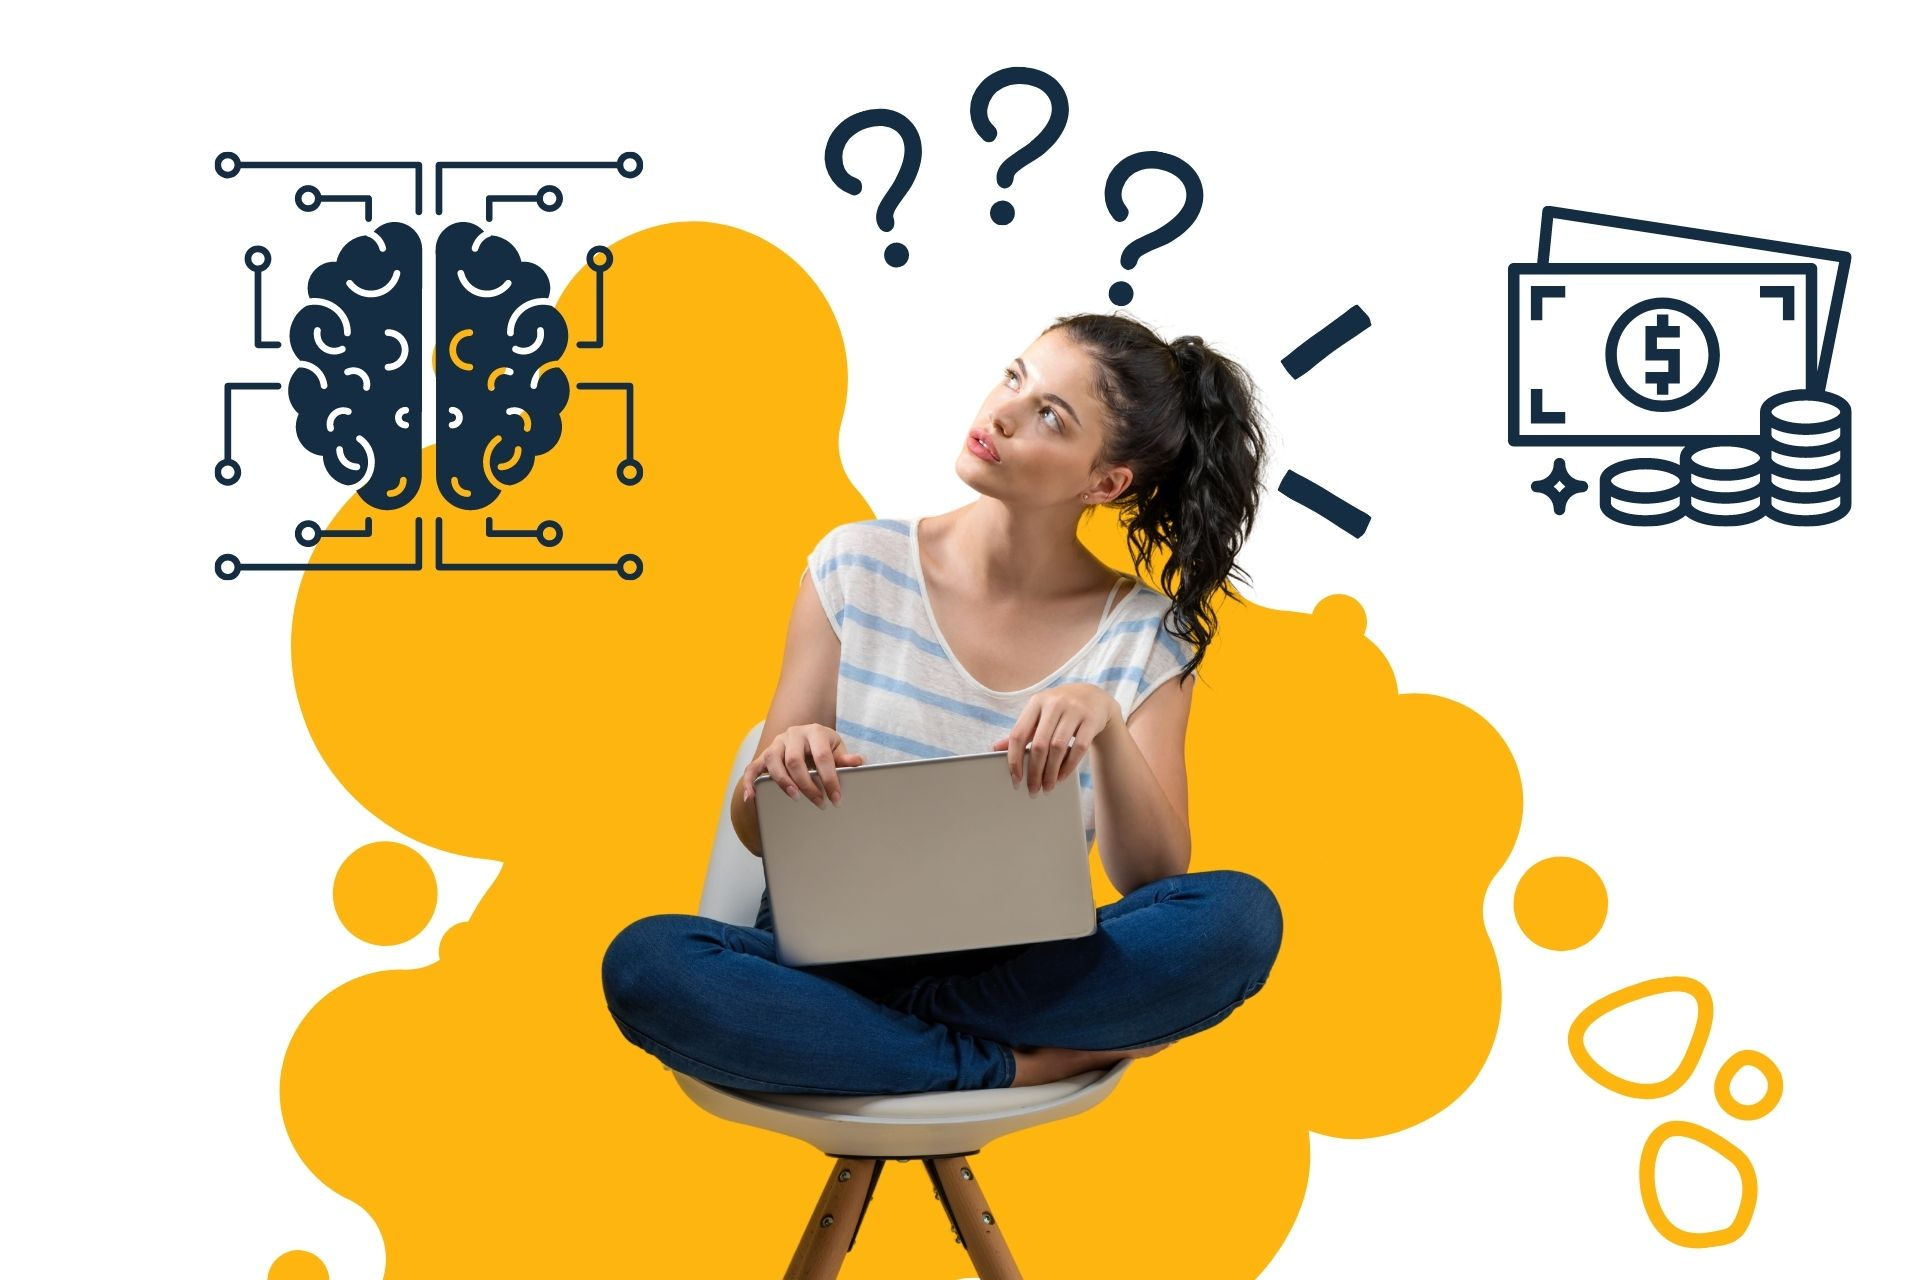 ROI e-learning